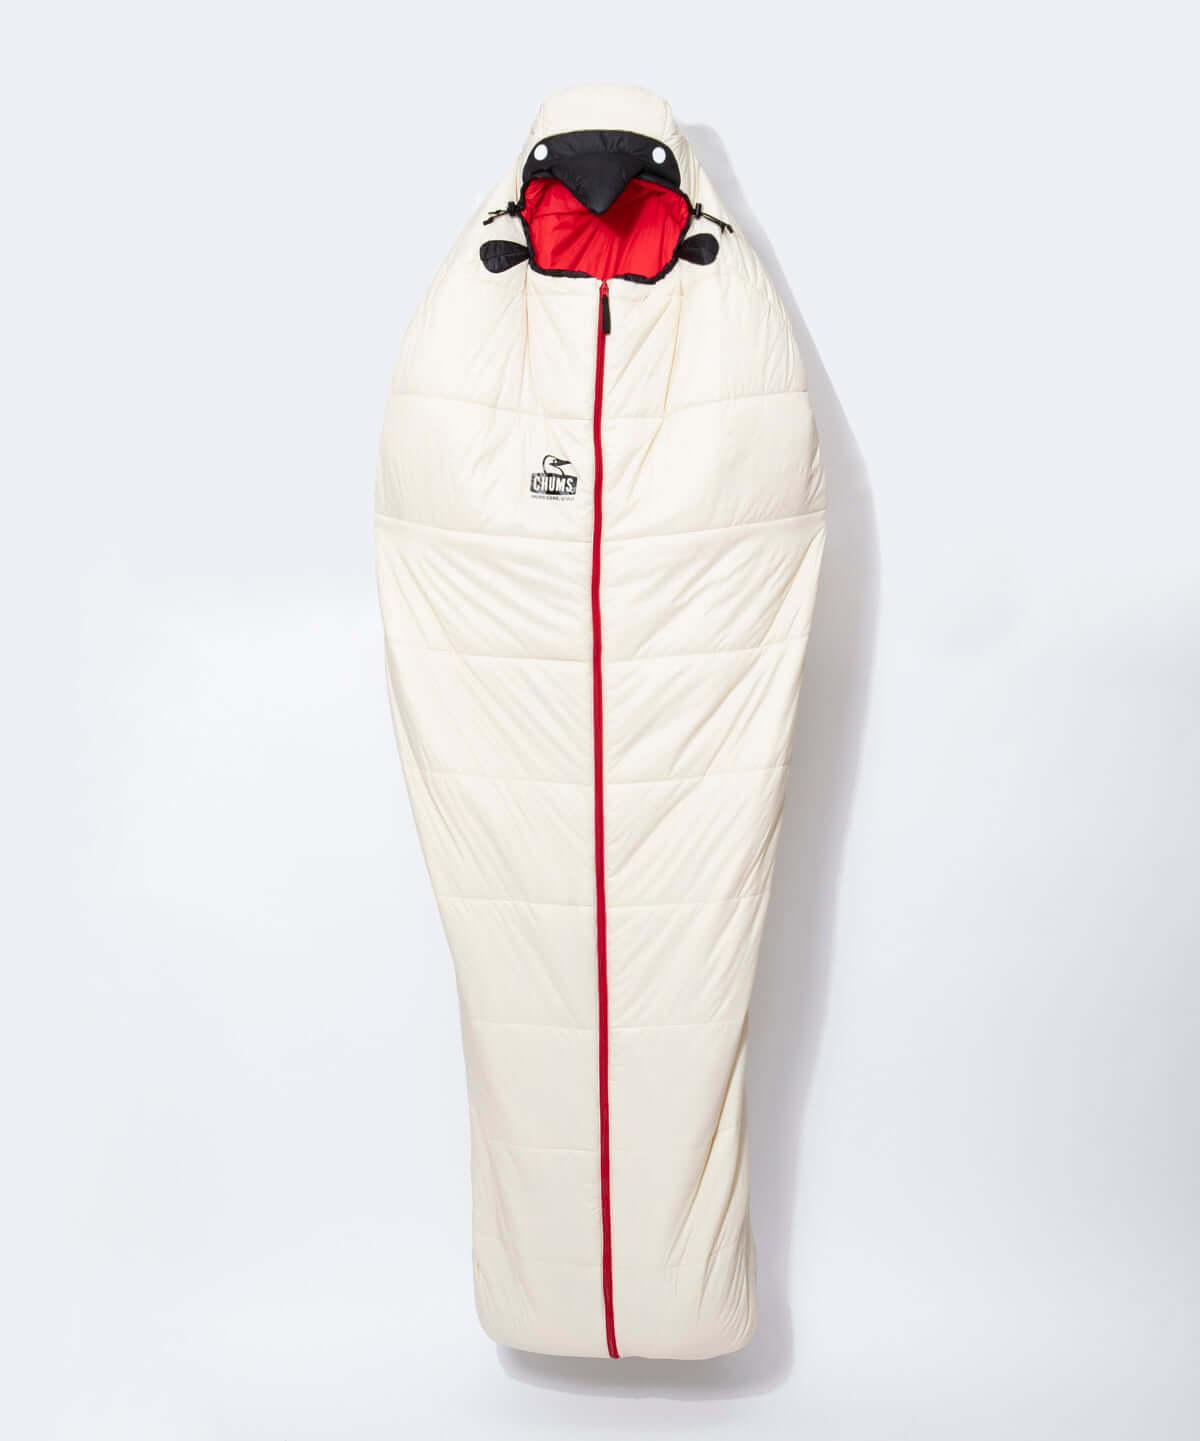 「CHUMS」待望の寝袋シリーズが発売|ブービーバードに変身できる寝袋が登場 life190318_chums_main-1200x1441